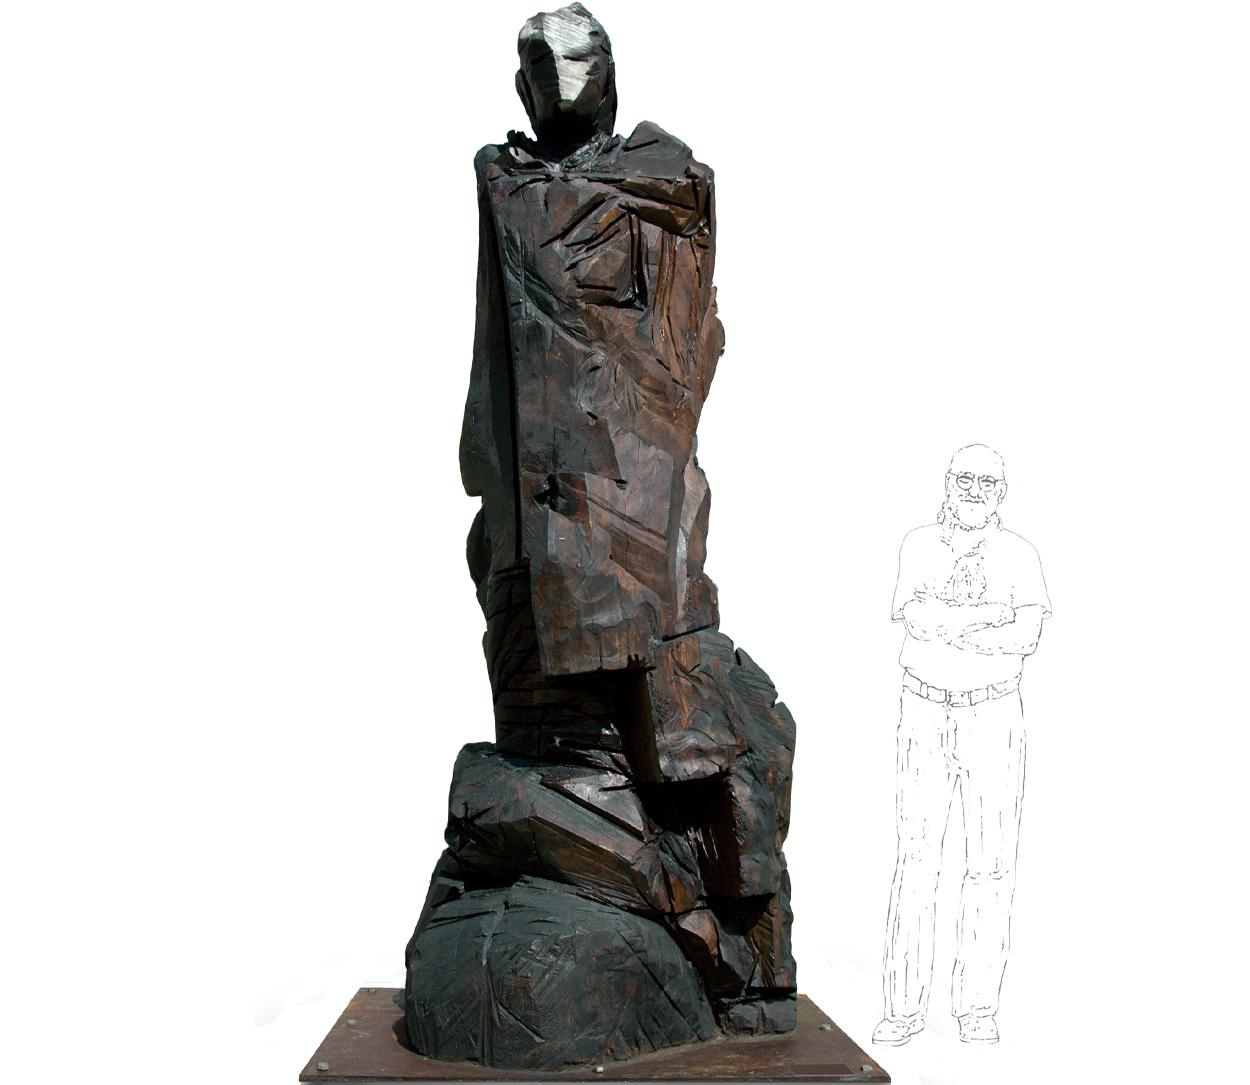 L'Homme, 250x110x110 cm